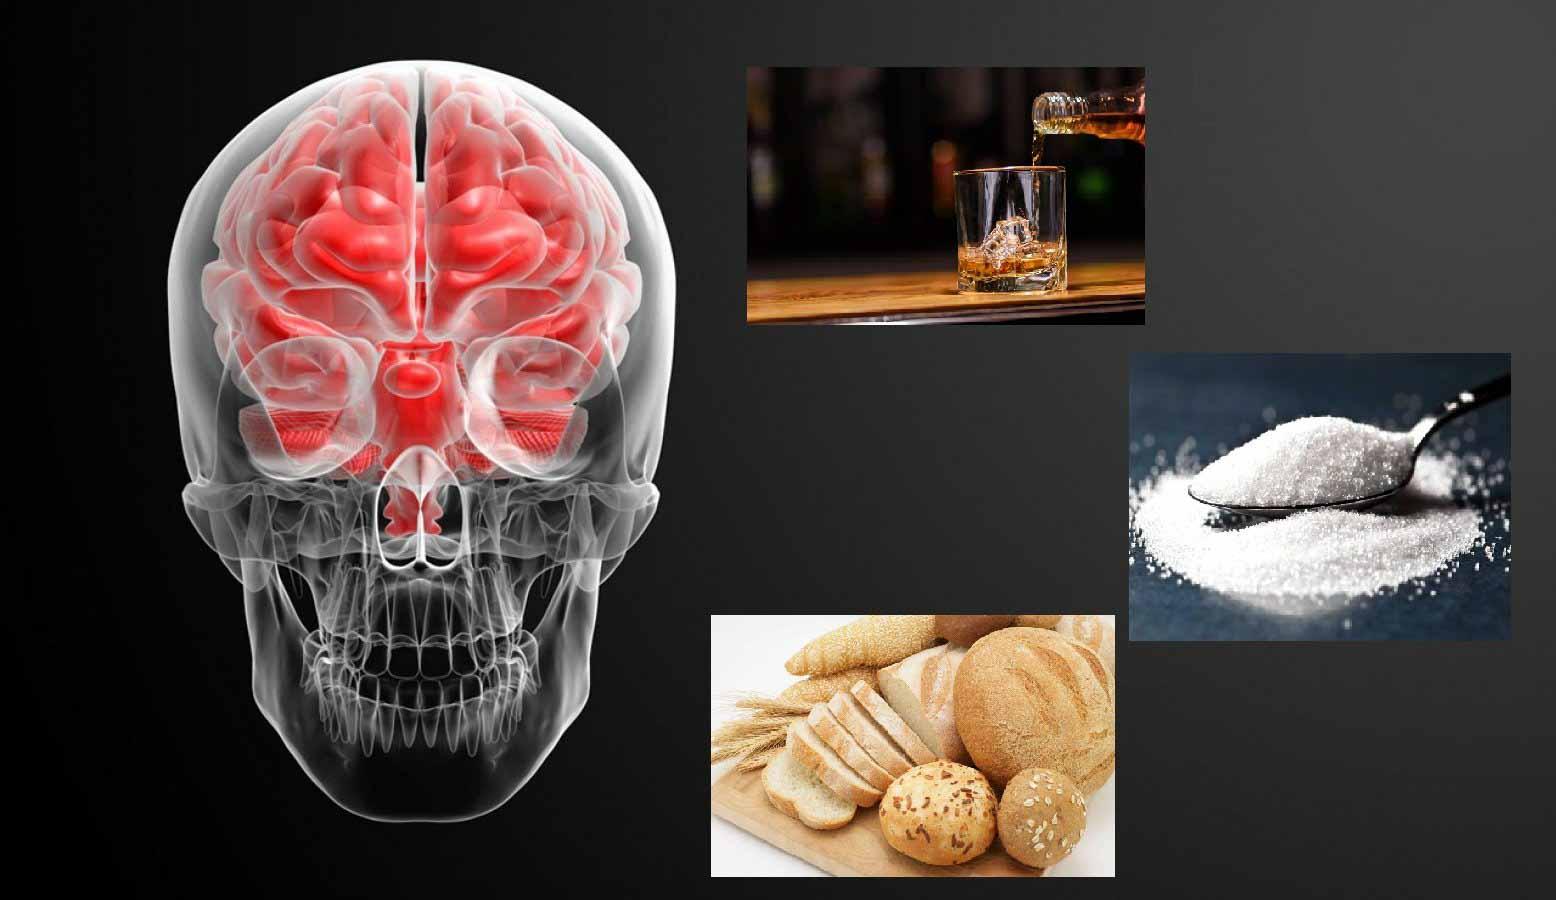 Эксперт назвал три продукта, которые вызывают инсульт